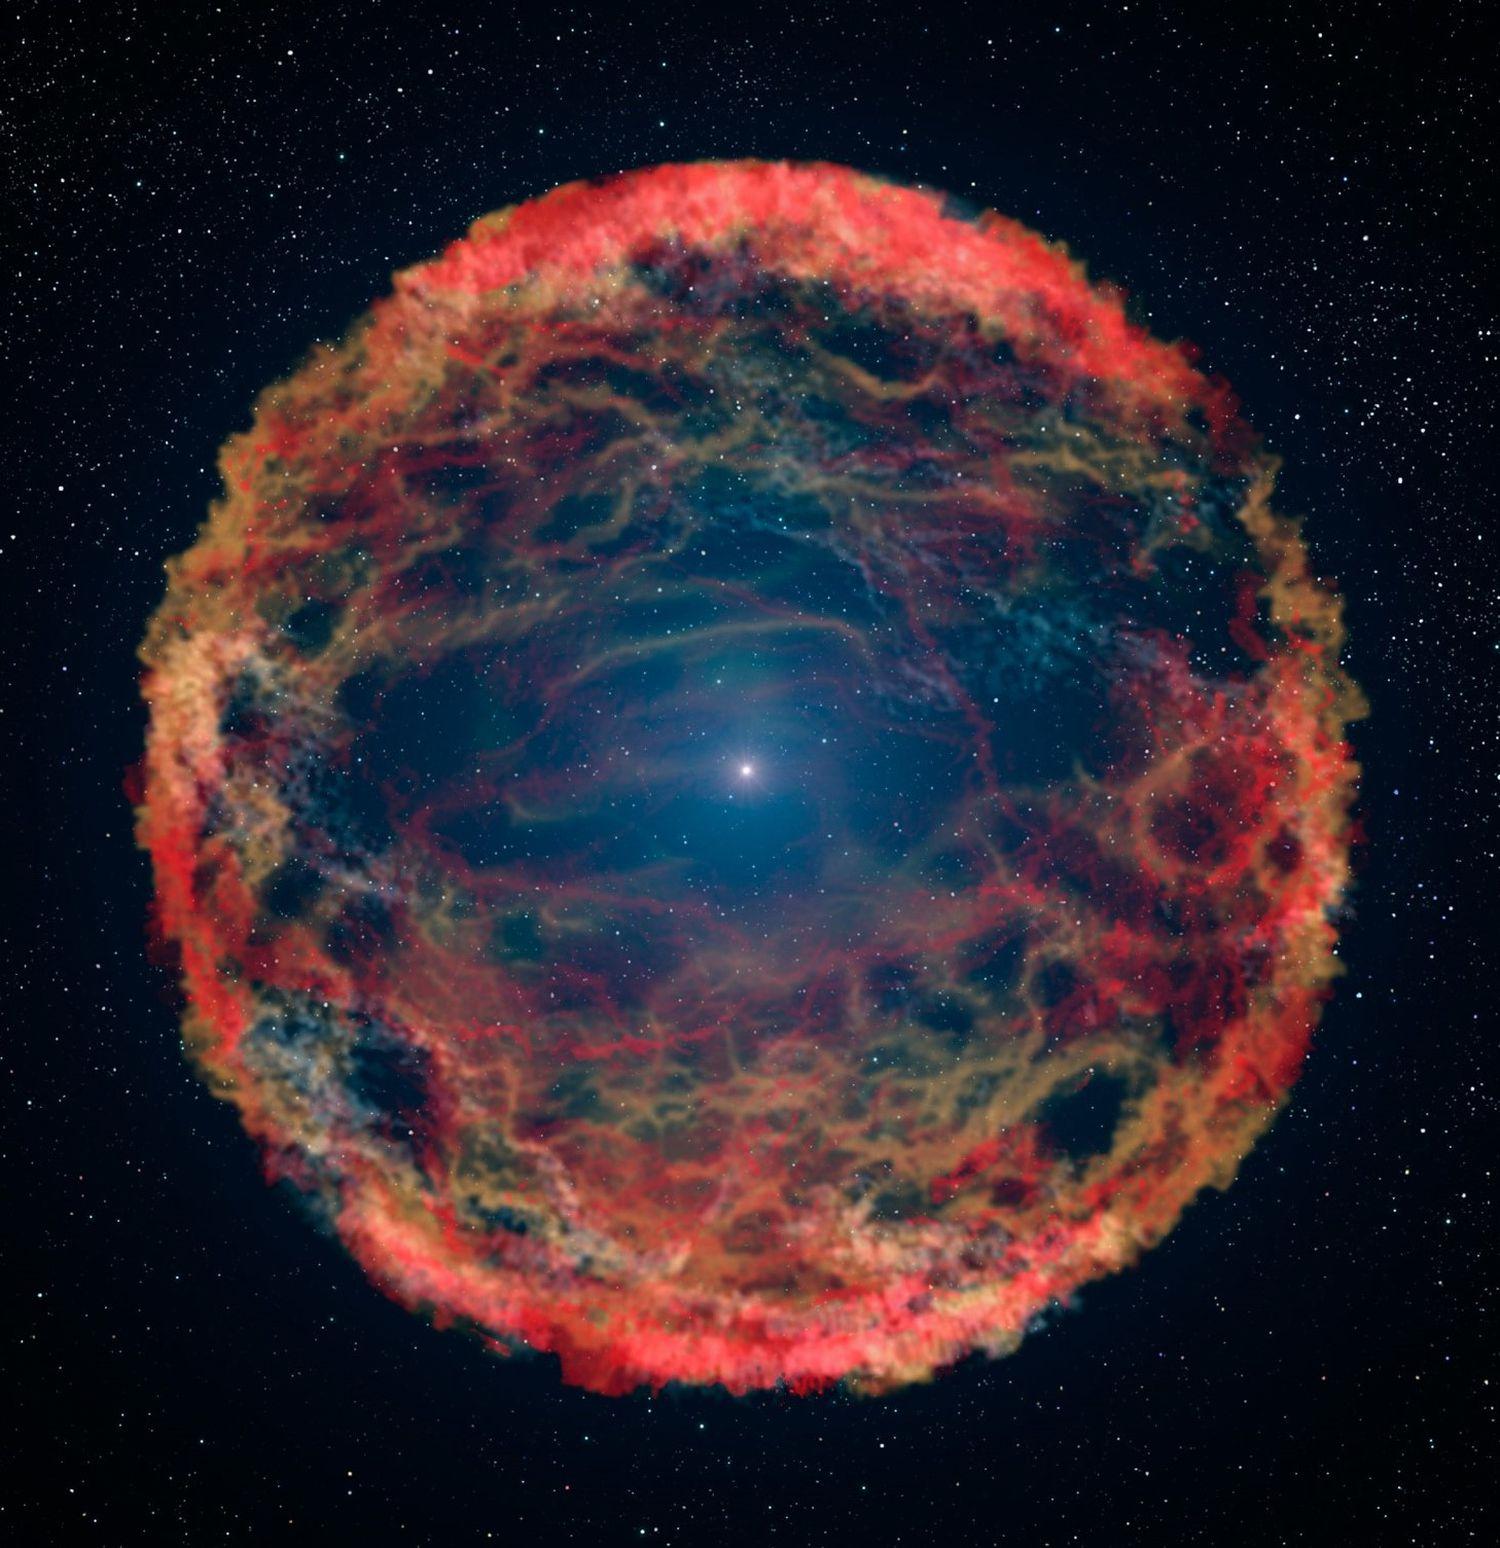 Visión artística de la supernova SN 1993J, en un sistema estelar binario de la galaxia M 81. La imagen muestra la estrella superviviente, en el centro, envuelta por los restos de su compañera destruida.